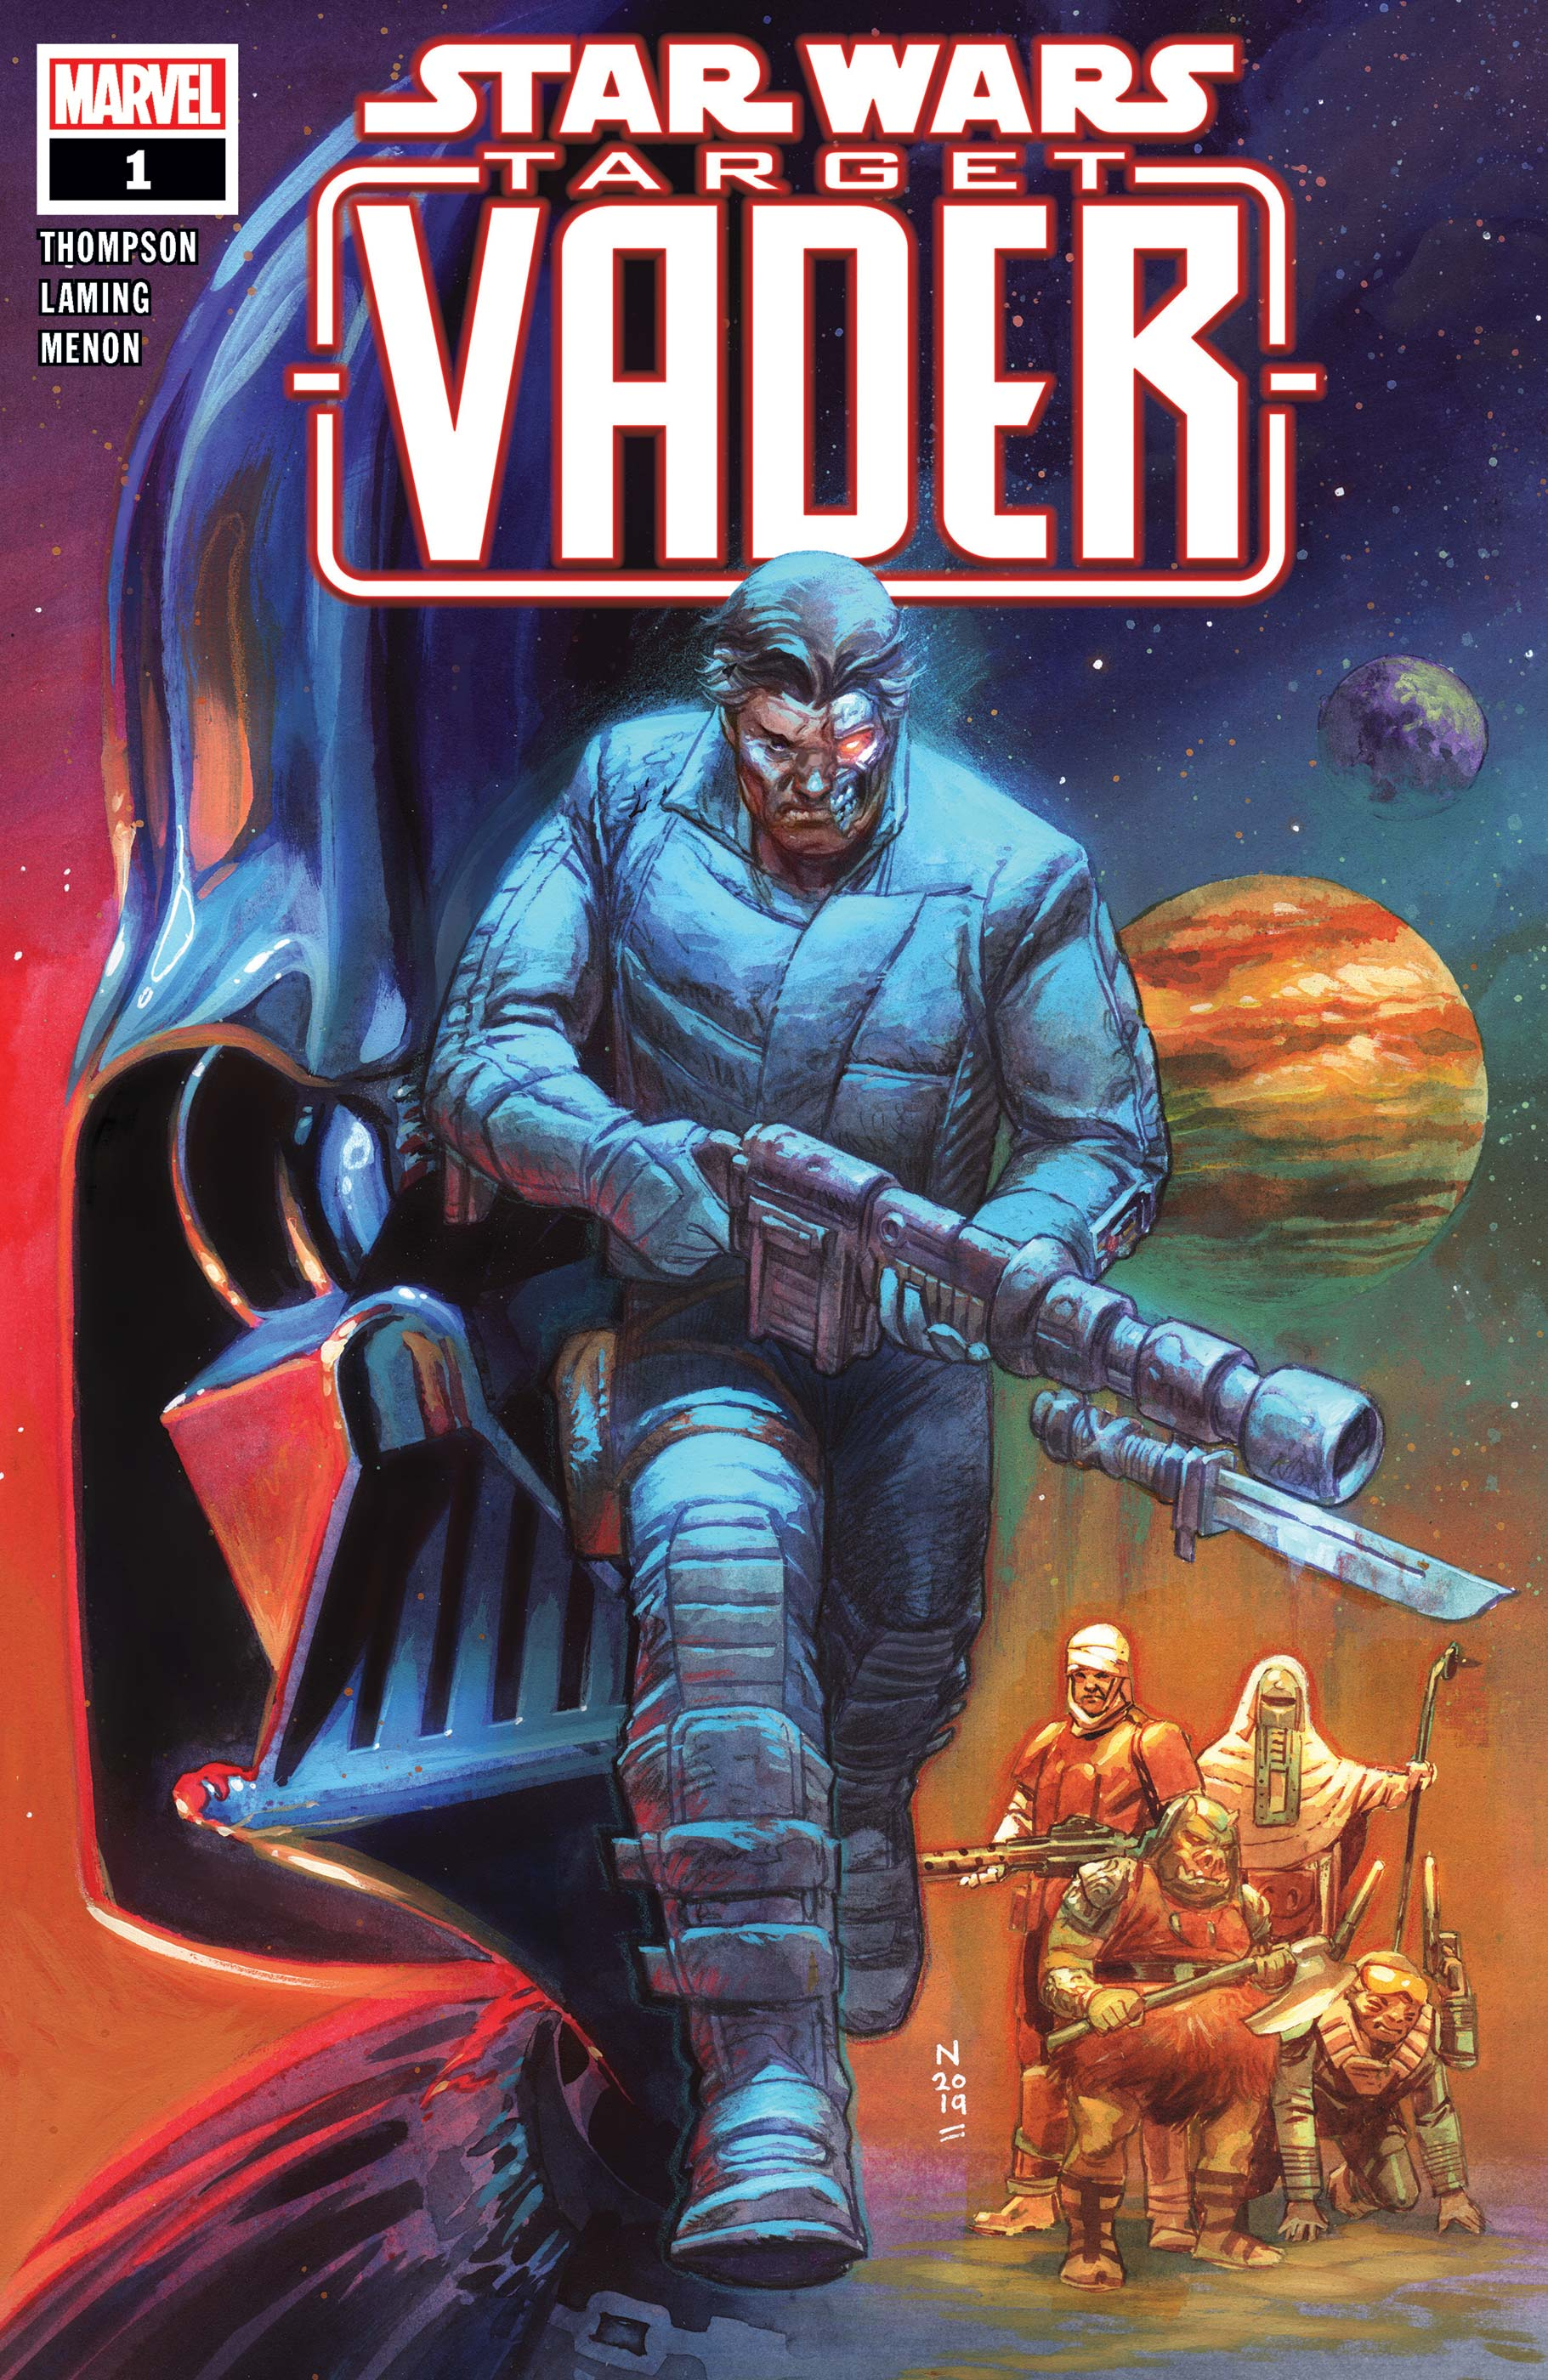 Star Wars: Target Vader Vol 1 1